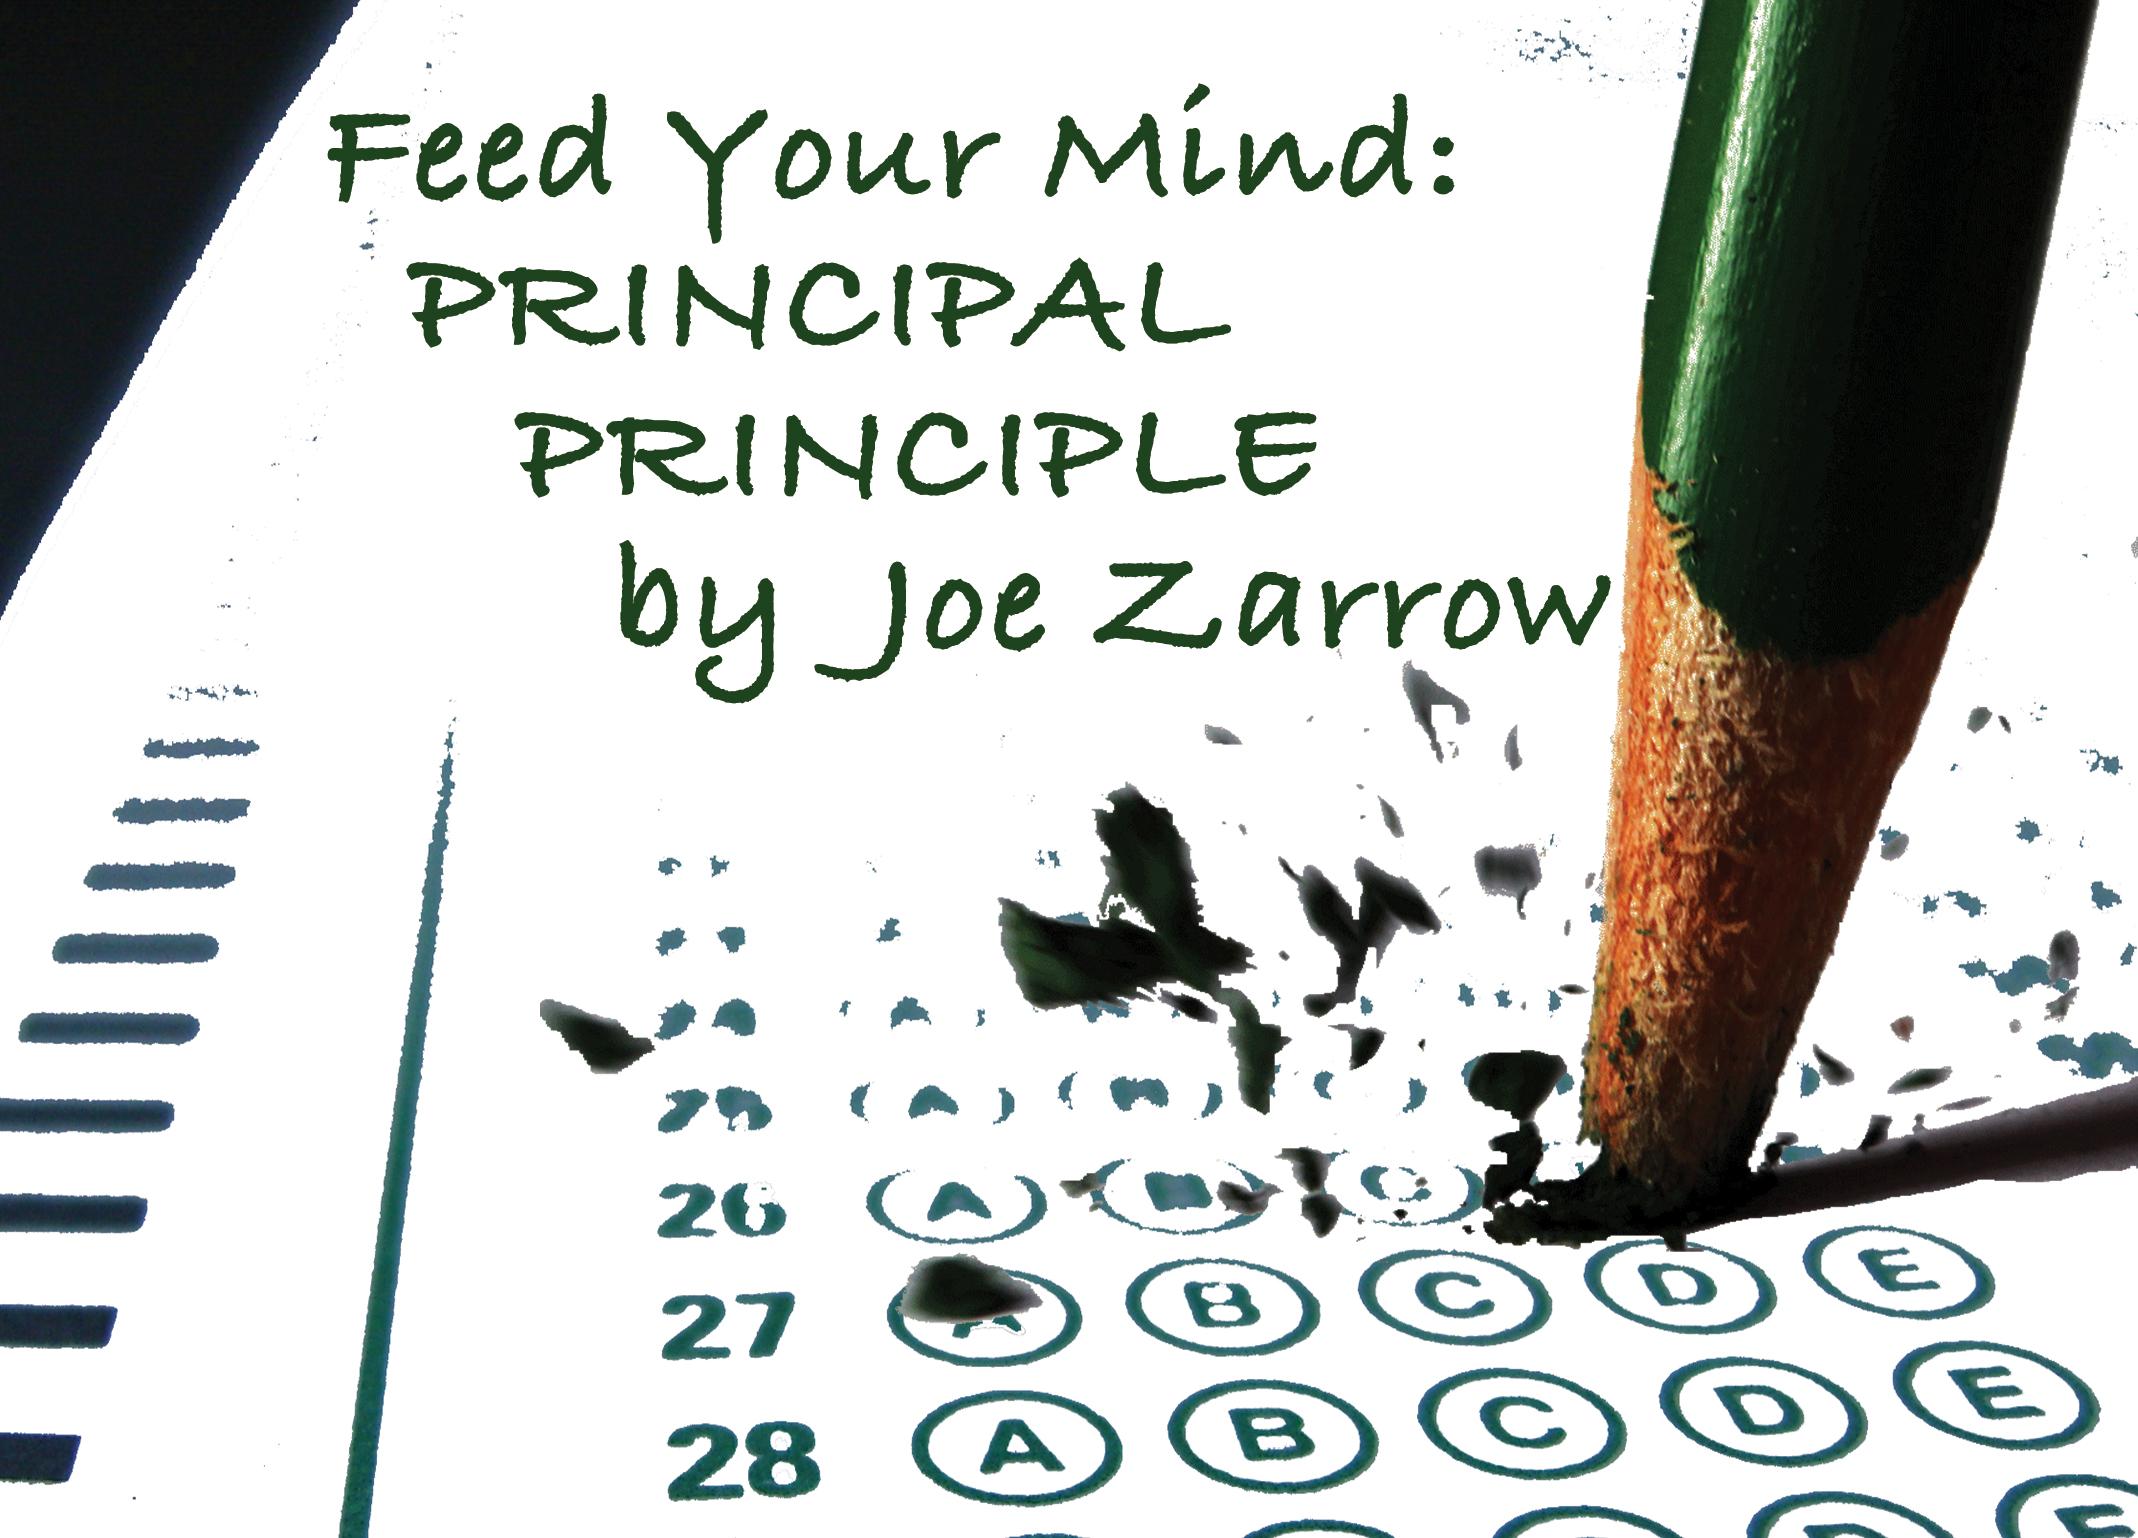 Principal Principle by Joe Zarrow